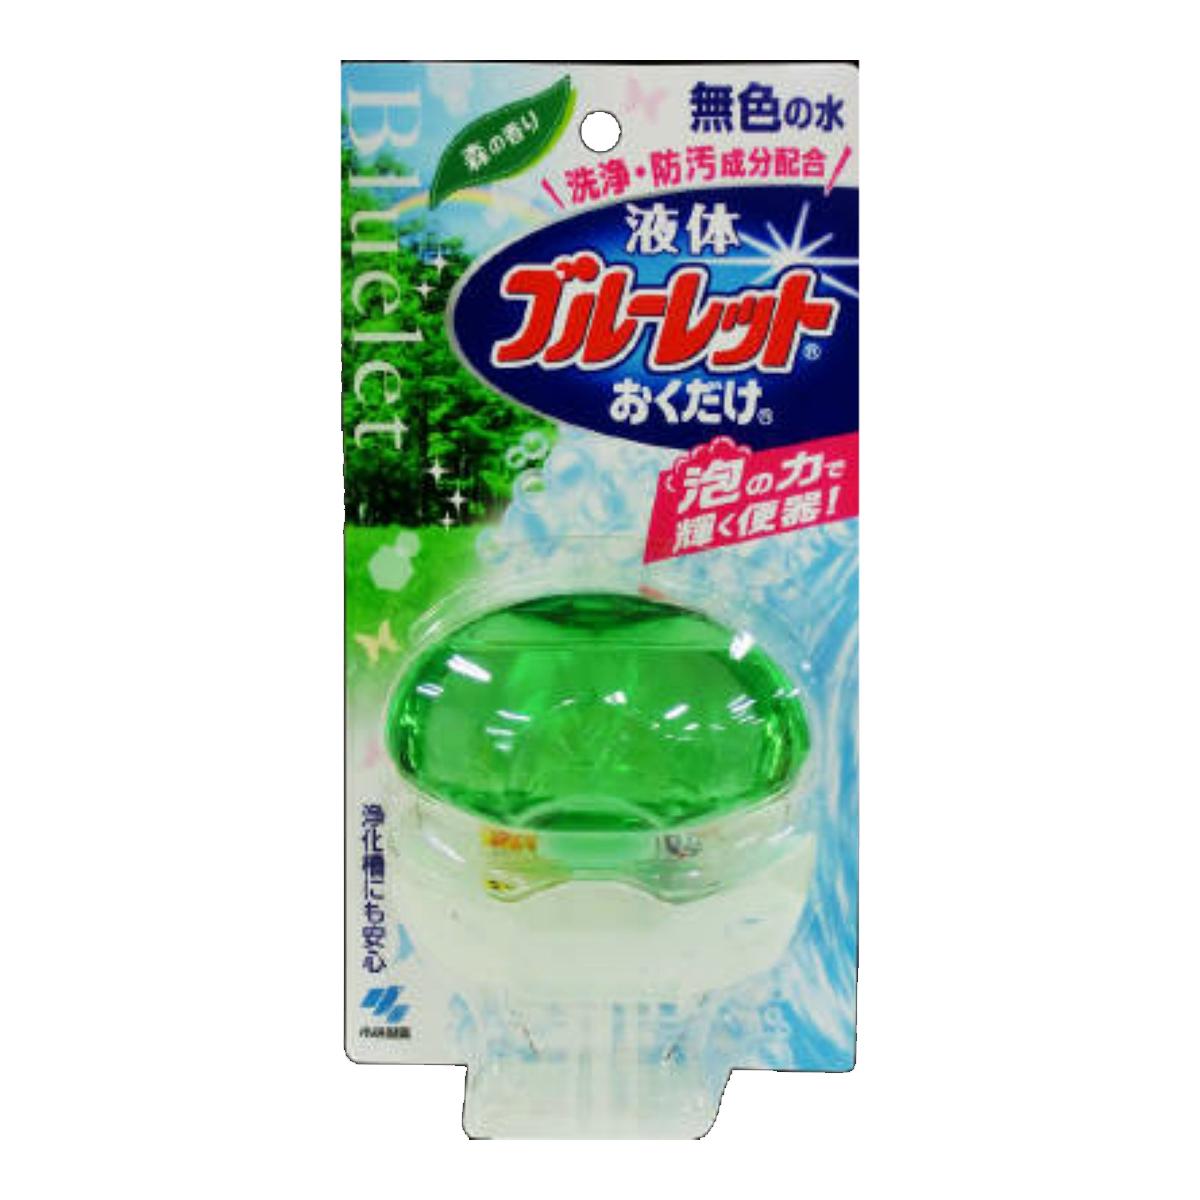 【送料無料】小林製薬 液体ブルーレット置くだけ 本体 森 70ML×48点セット まとめ買い特価!ケース販売 ( 4987072013175 )